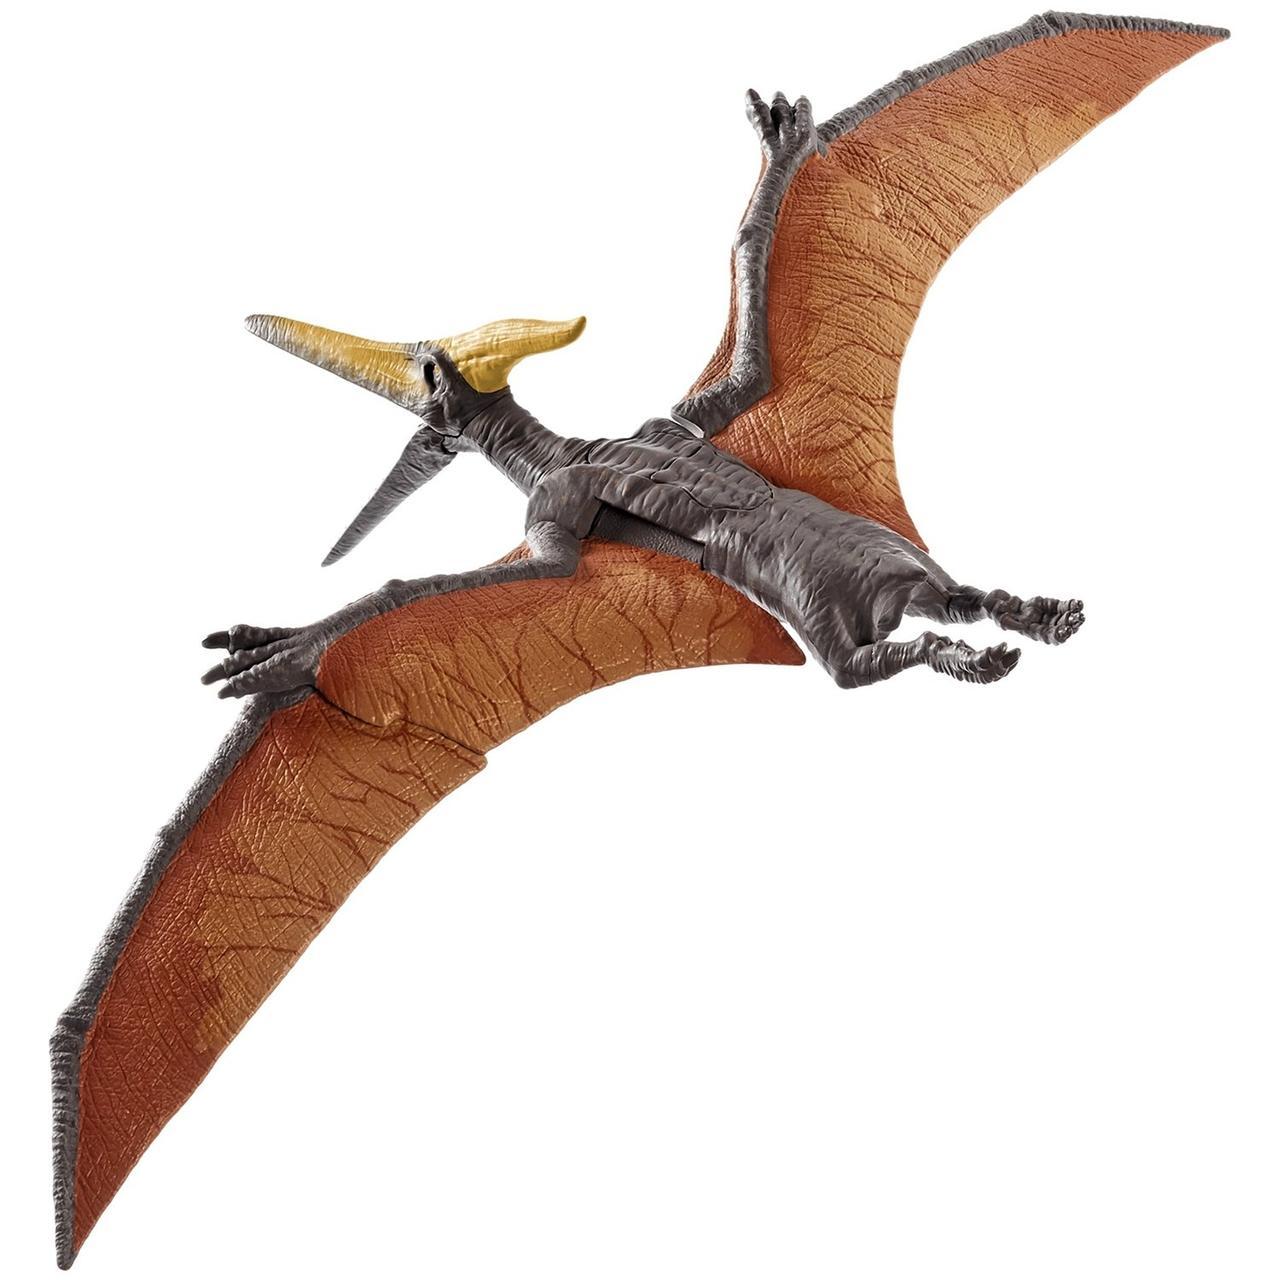 """Фигурка динозавра Jurassic World """"Опасные противники"""" из фильма """"Мир Юрского периода"""" GDT38"""